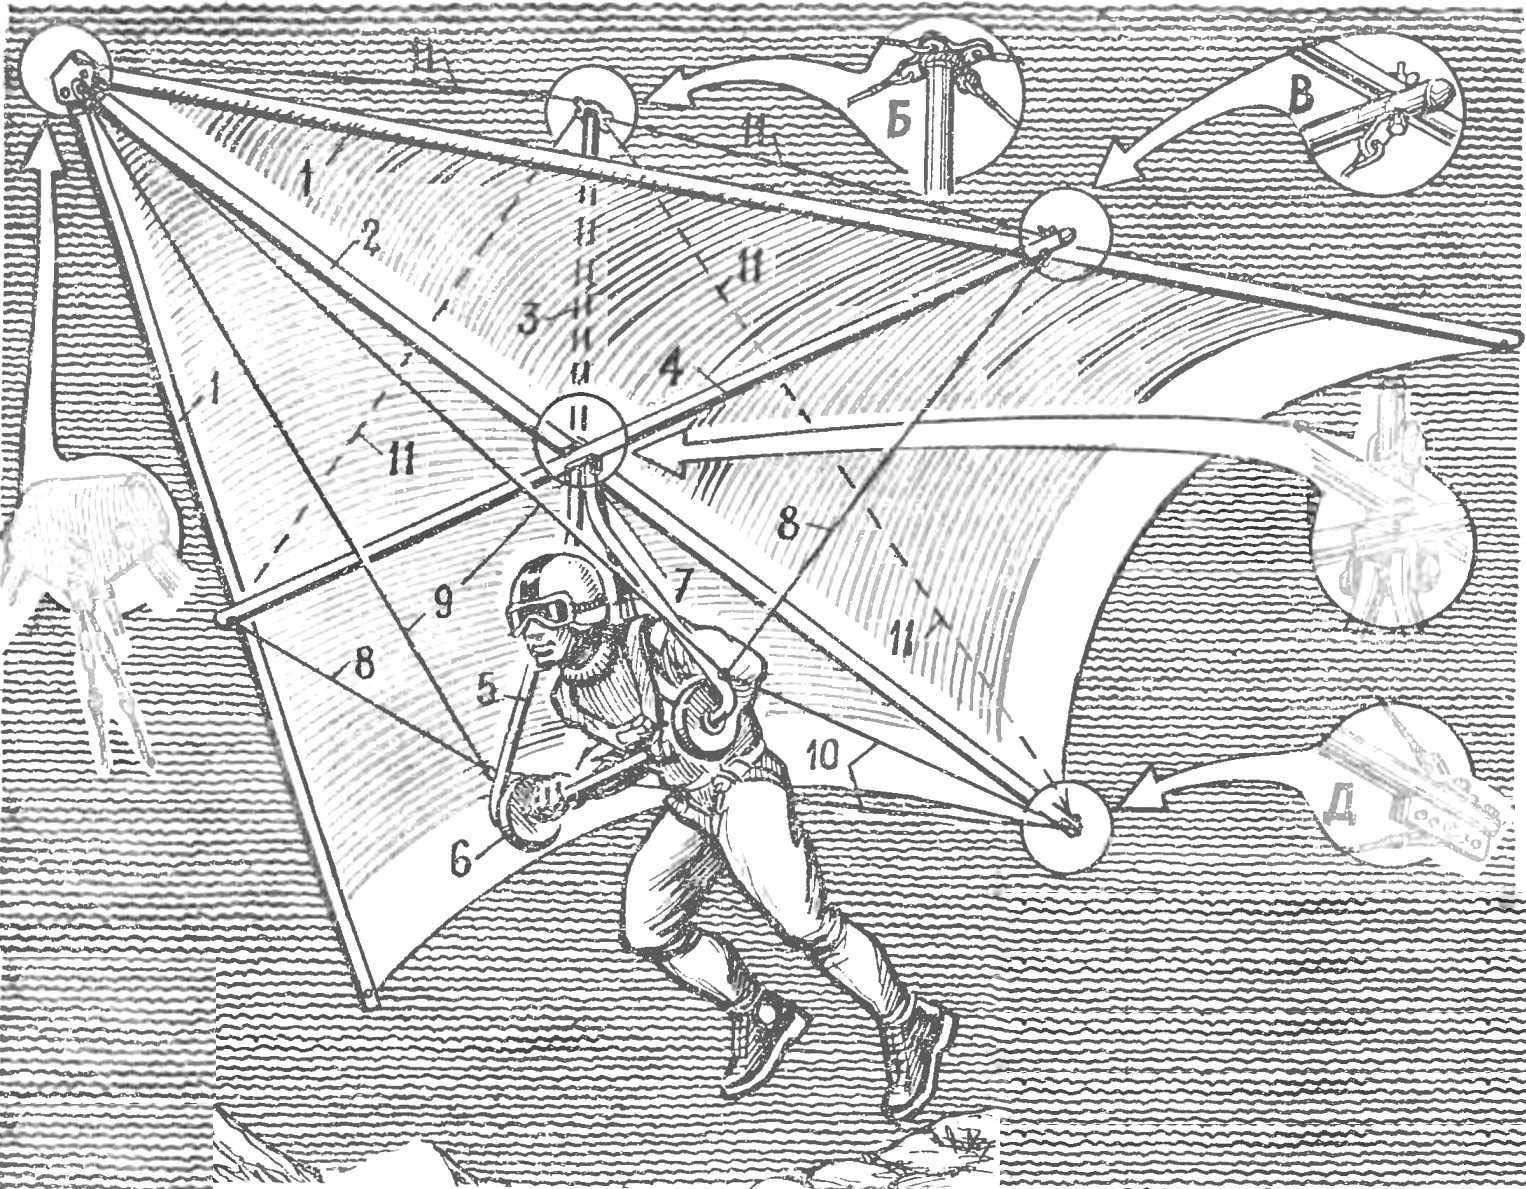 Рис. 1. Дельтаплан и его основные узлы